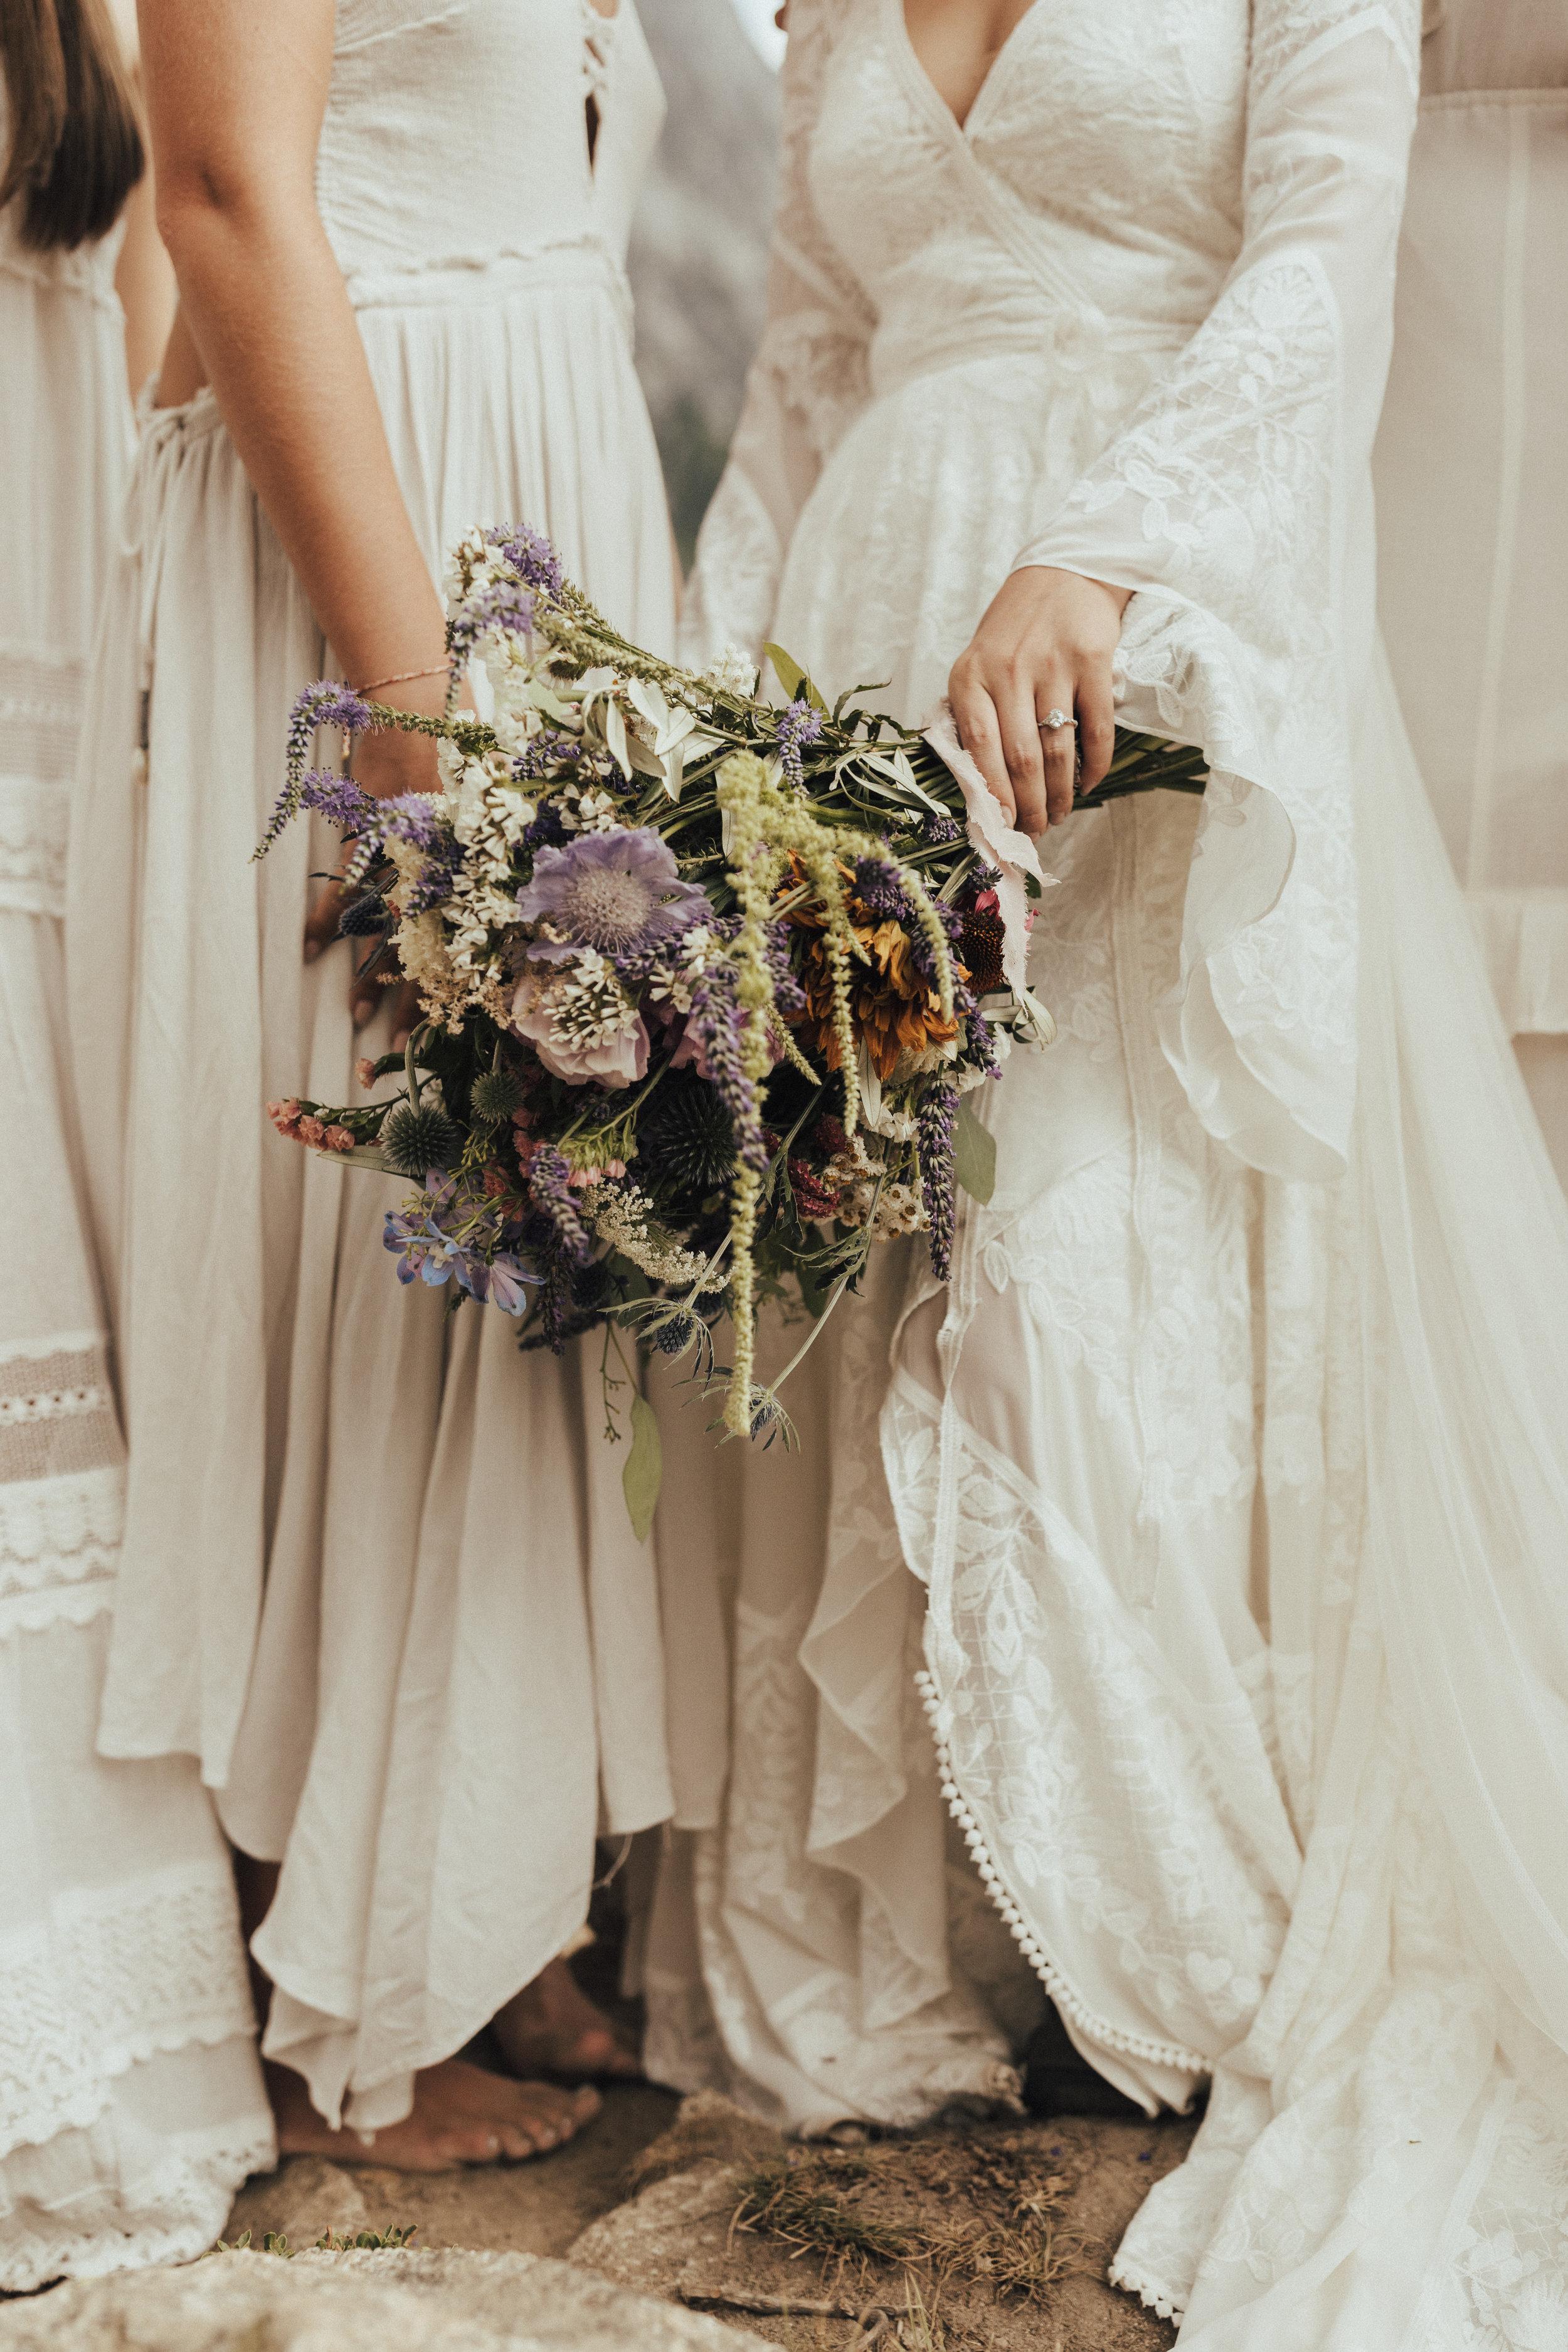 karaline_robby-colchuck-lake-elopement-washington-2018-peytoncurry-4798.jpg